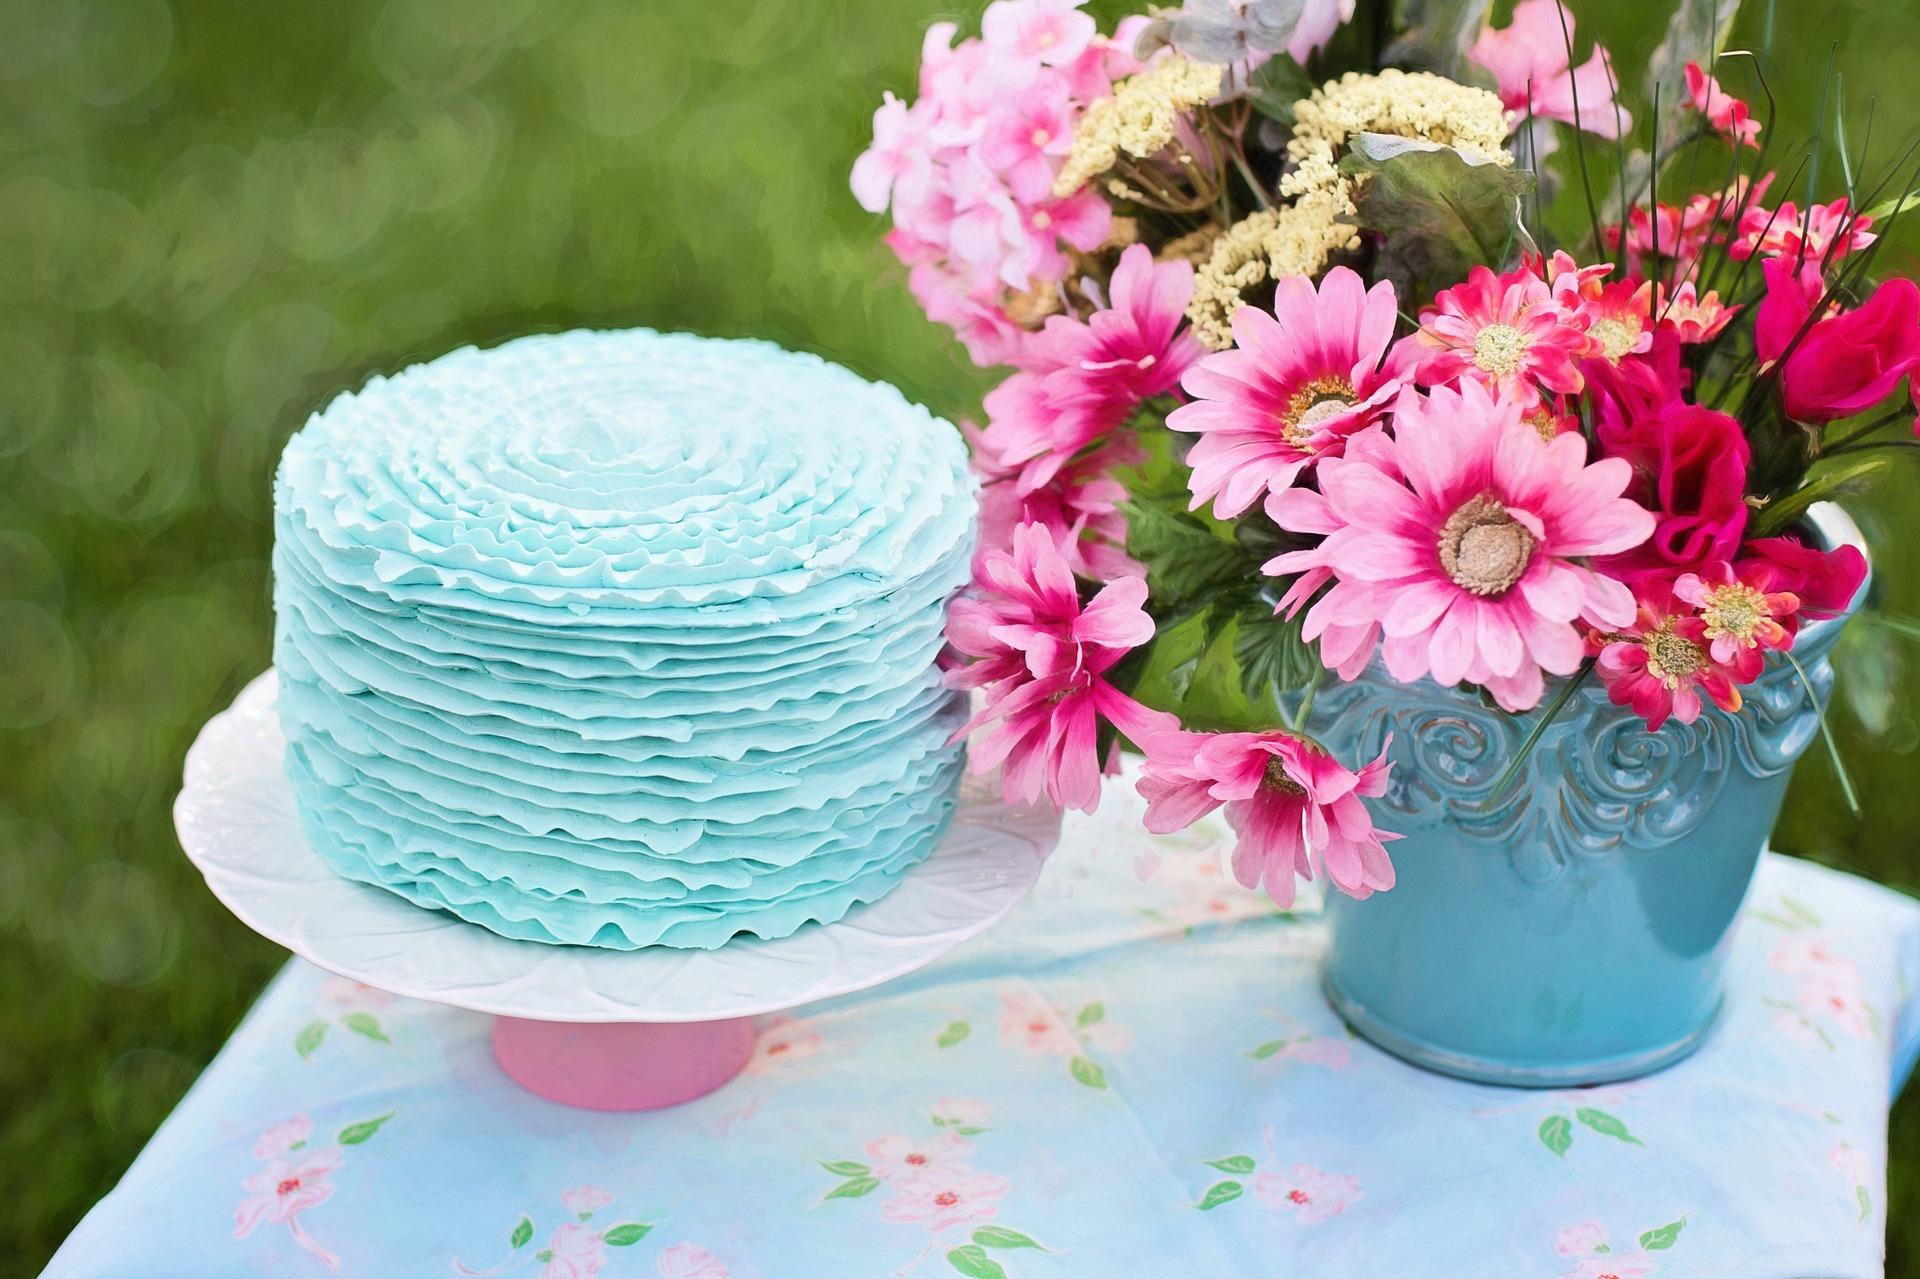 Shopmycake : des gâteaux de qualité à prix imbattables